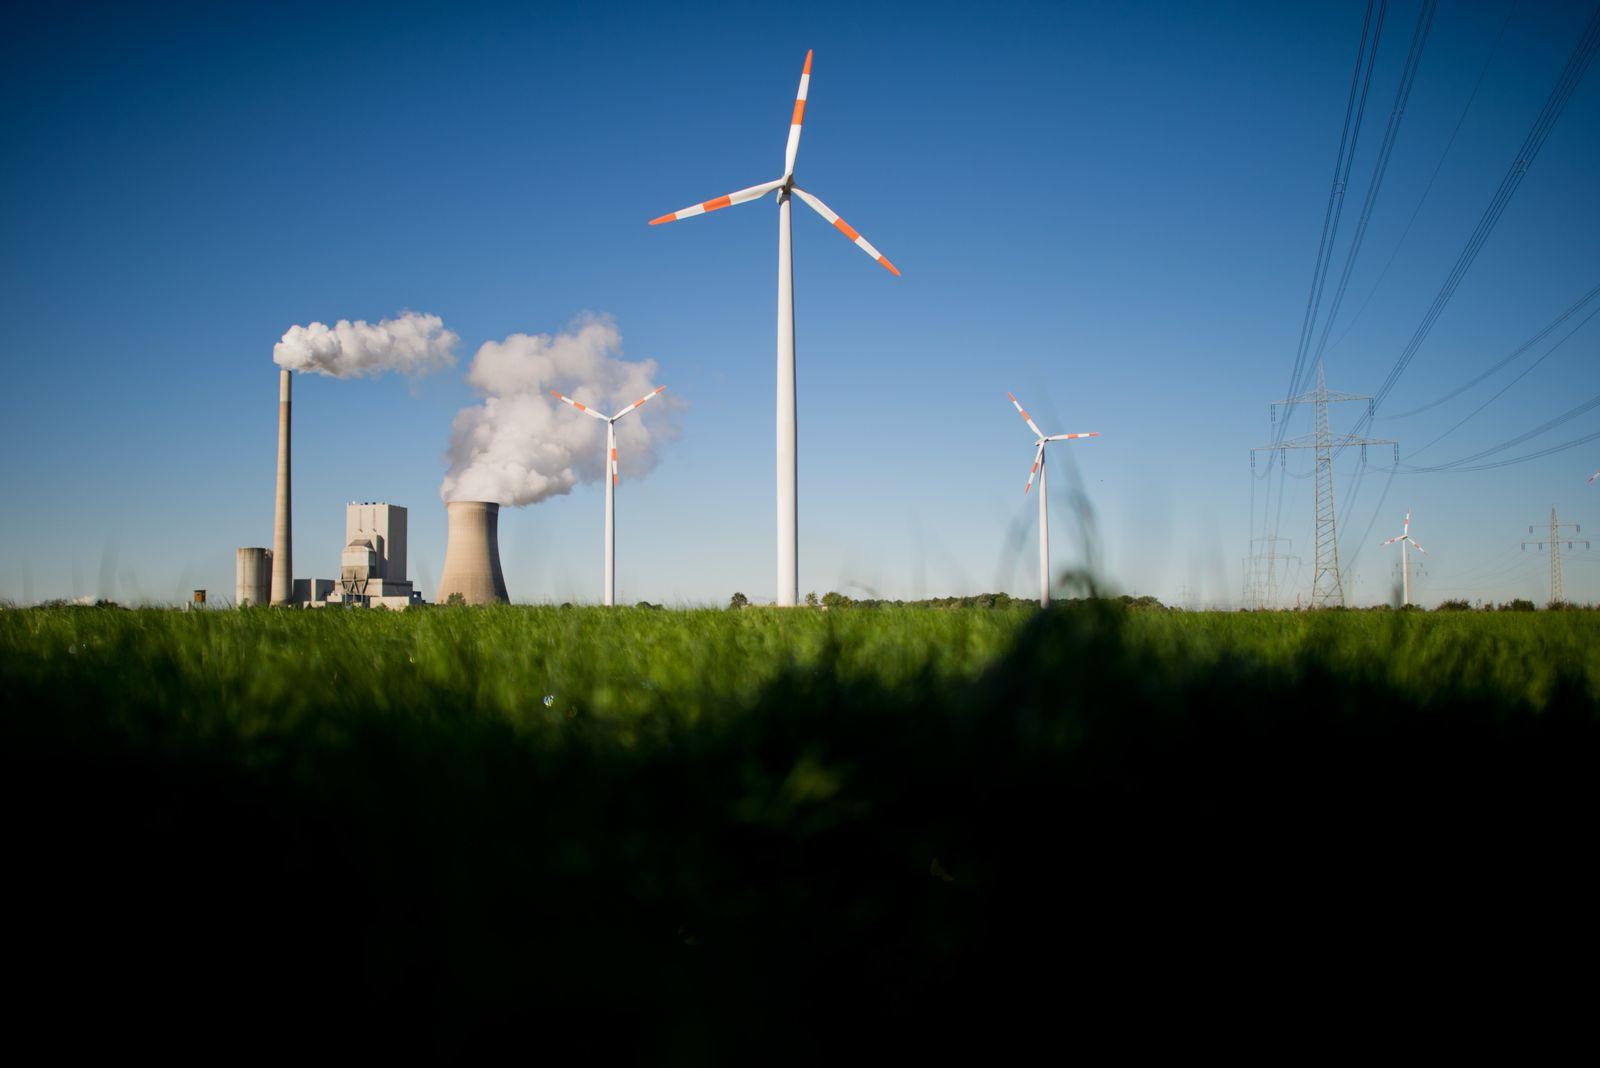 Energie / Kraftwerk / Windrad / Energiewende